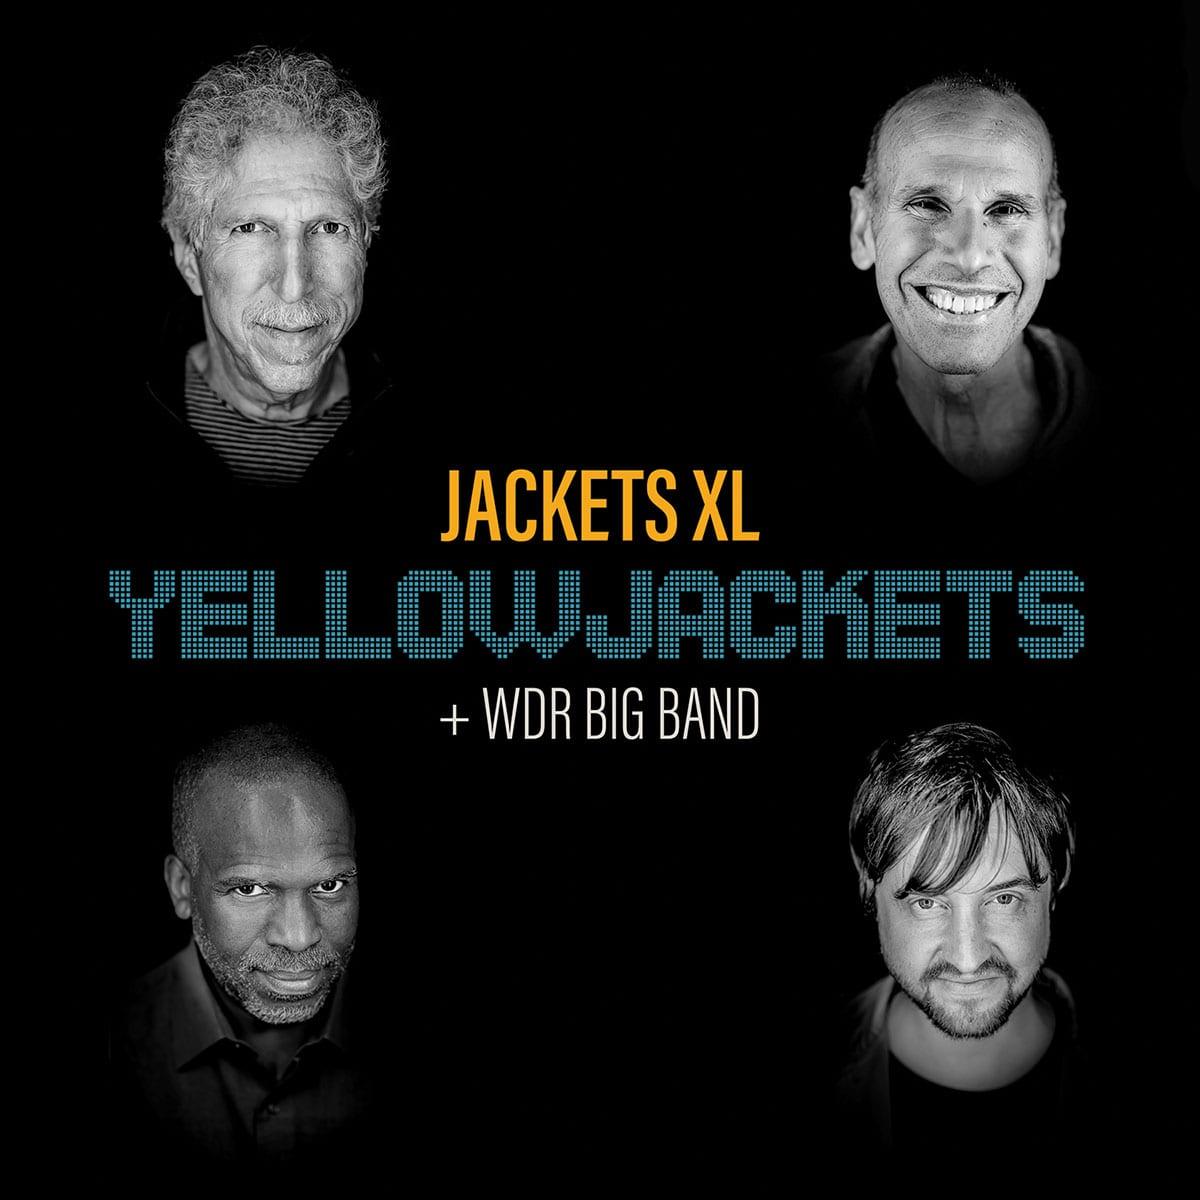 Yellowjackets + WDR Big Band: Jackets XL